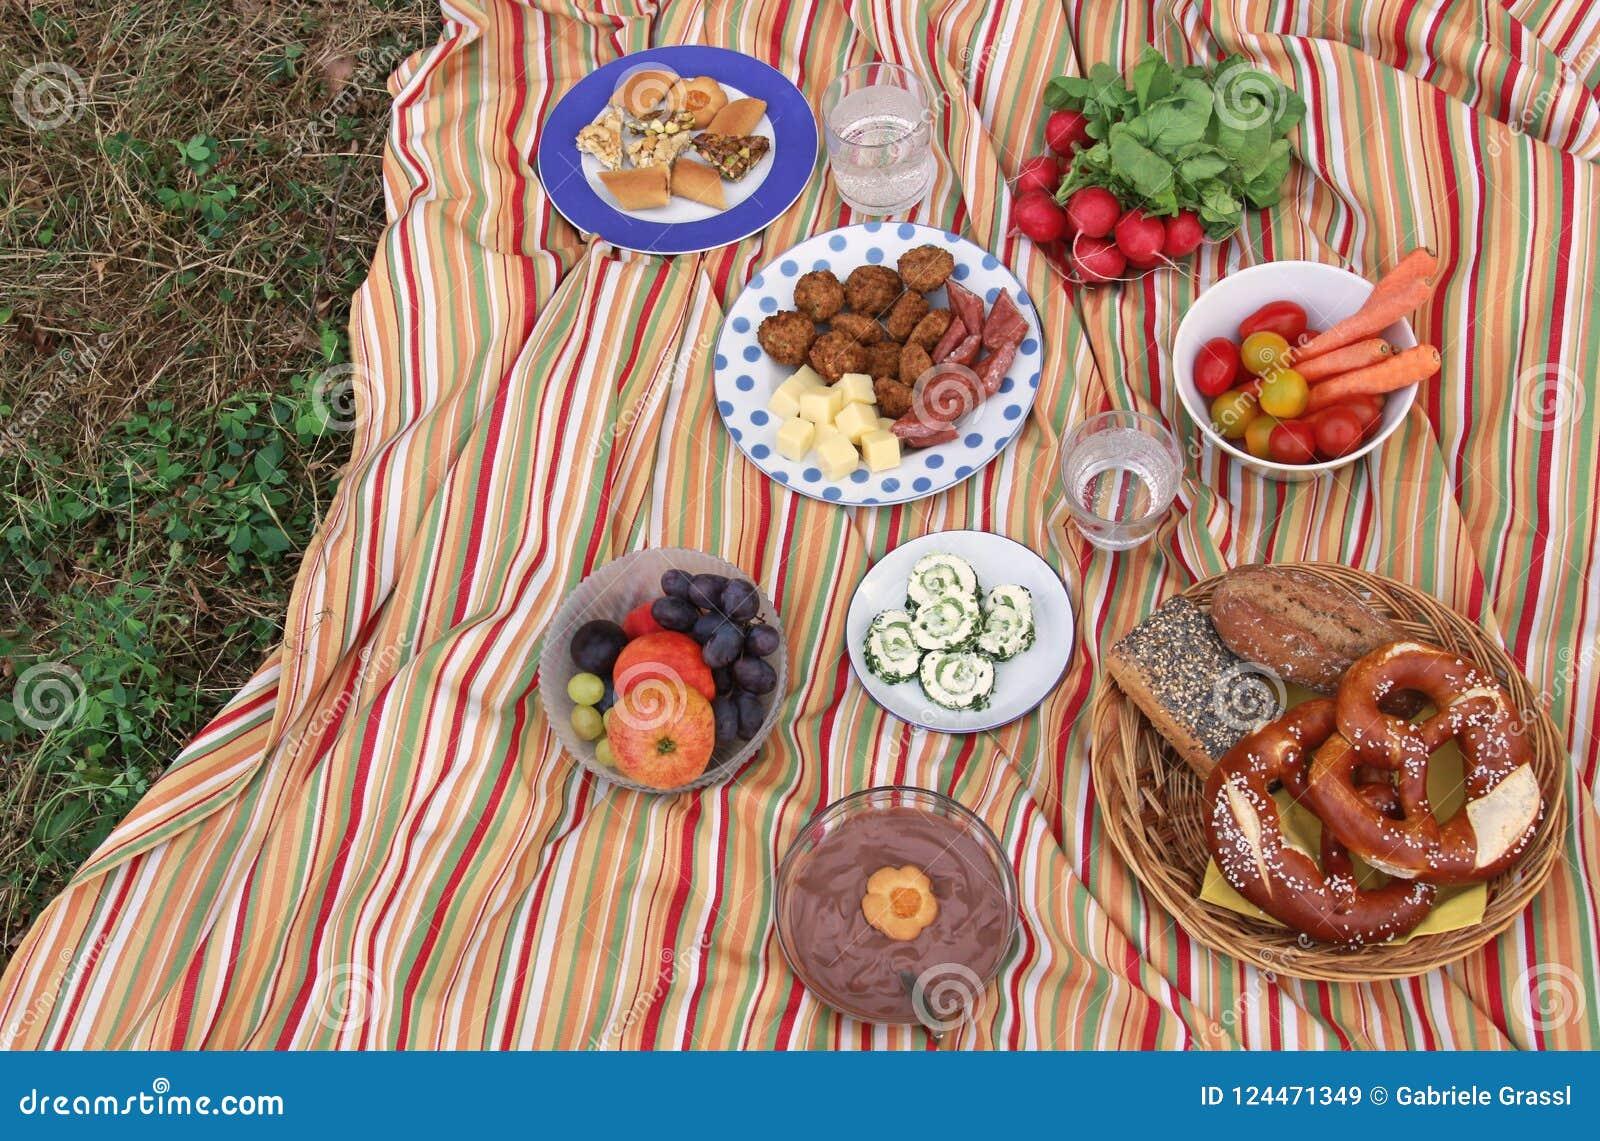 Kleurrijke picknick op een weide